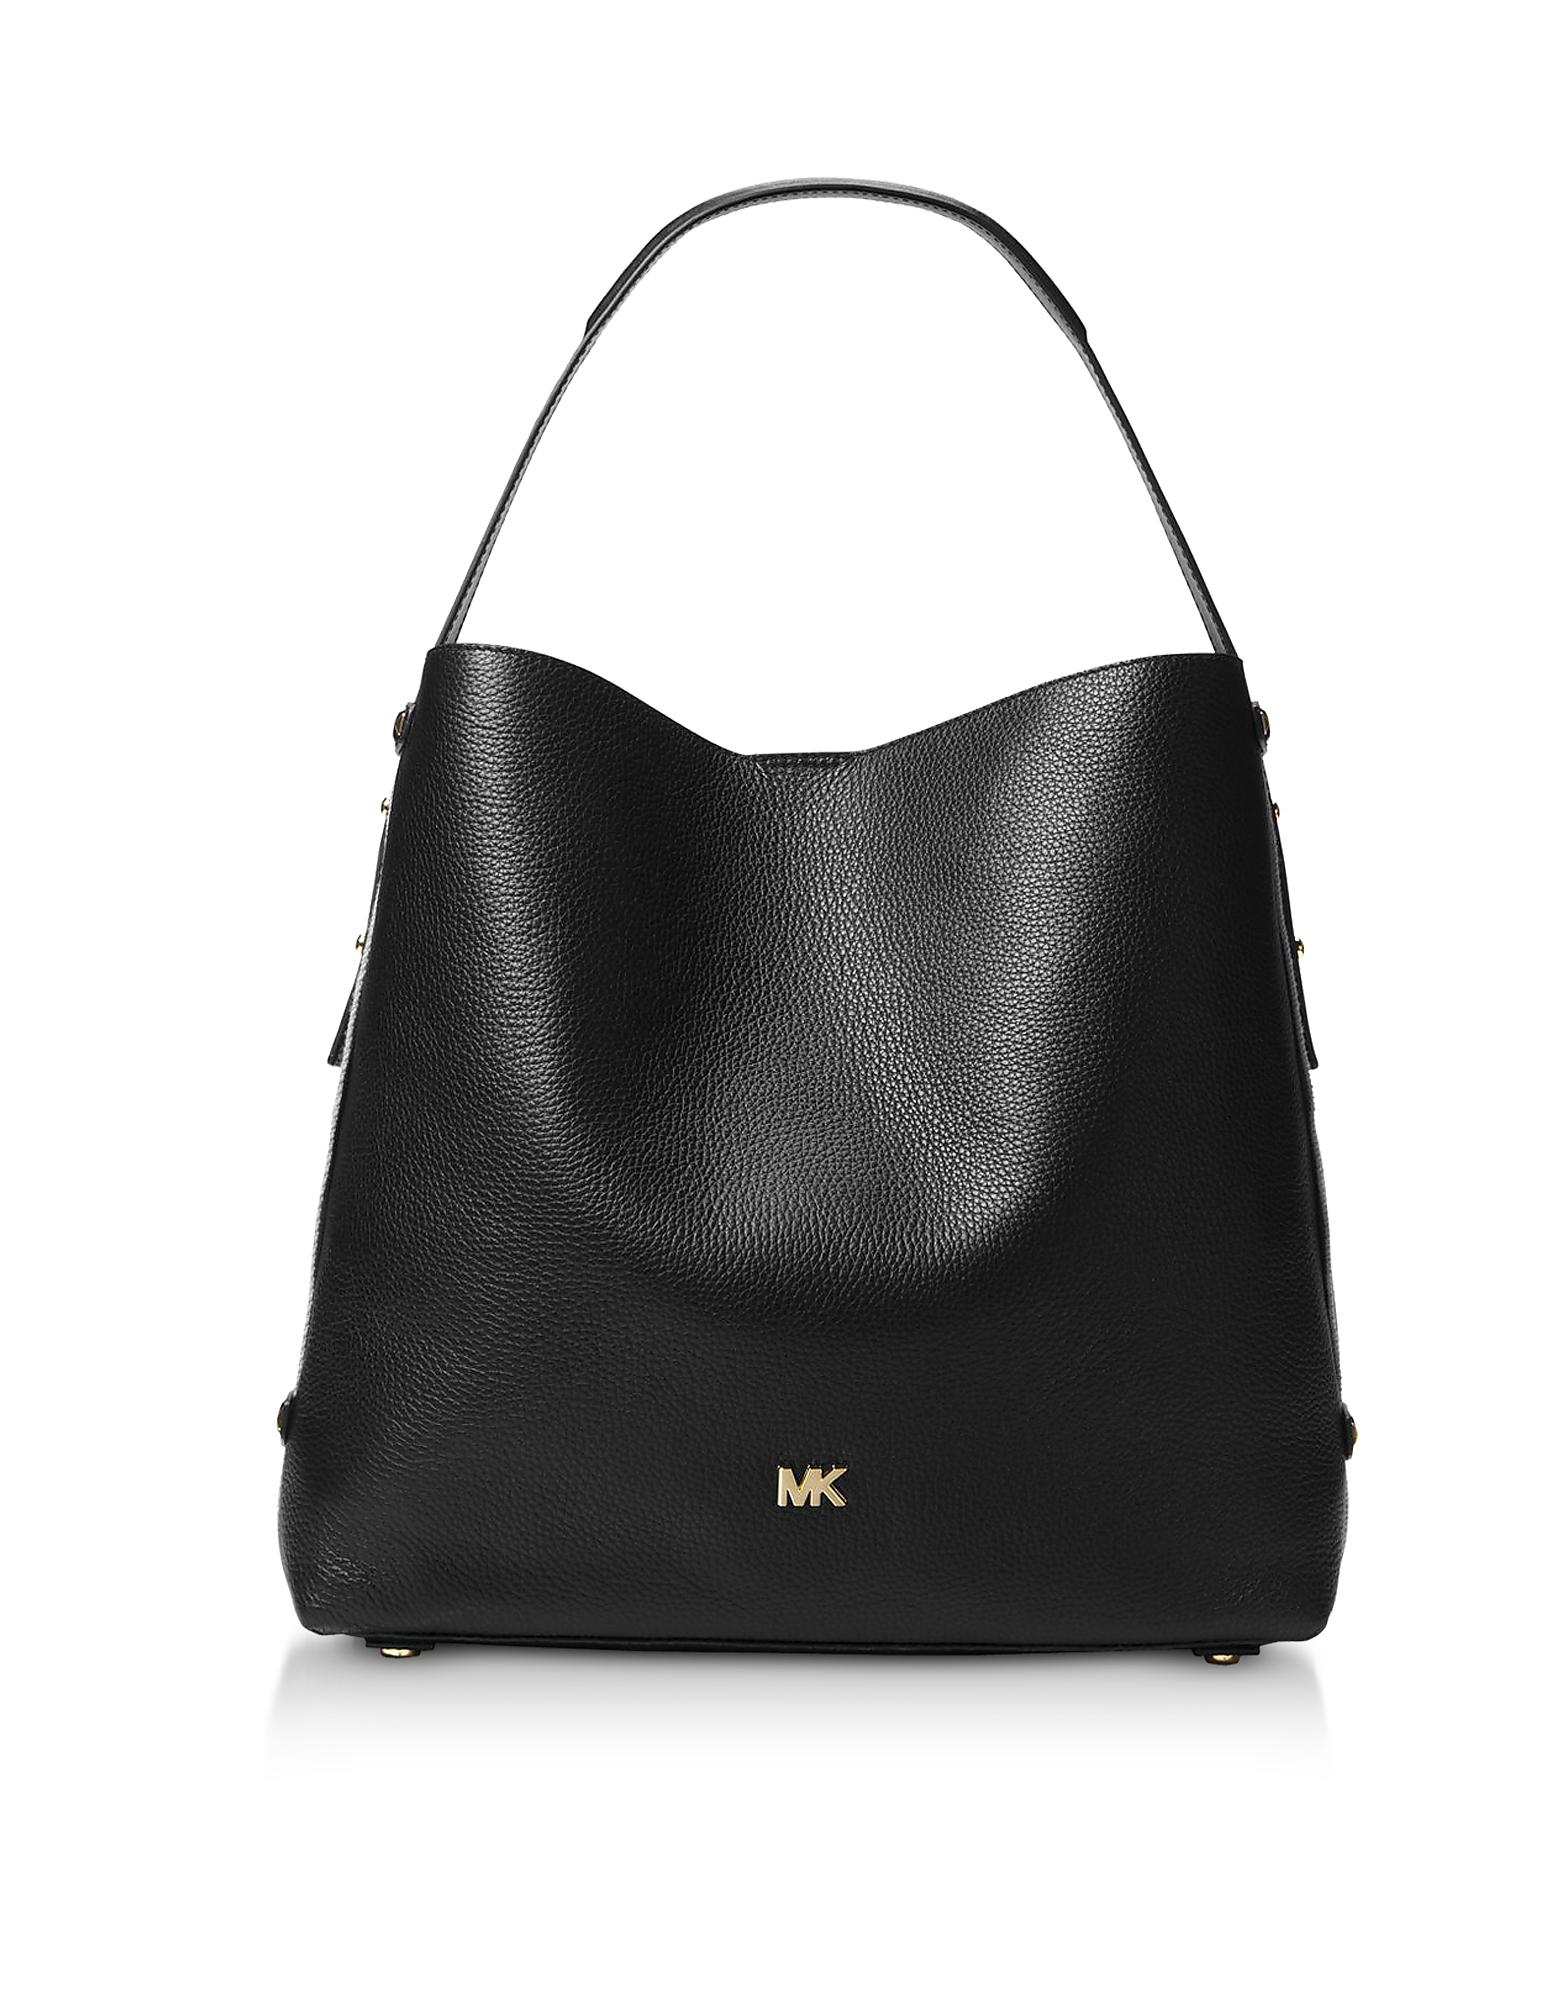 Michael Kors Handbags, Griffin Large Leather Shoulder Bag